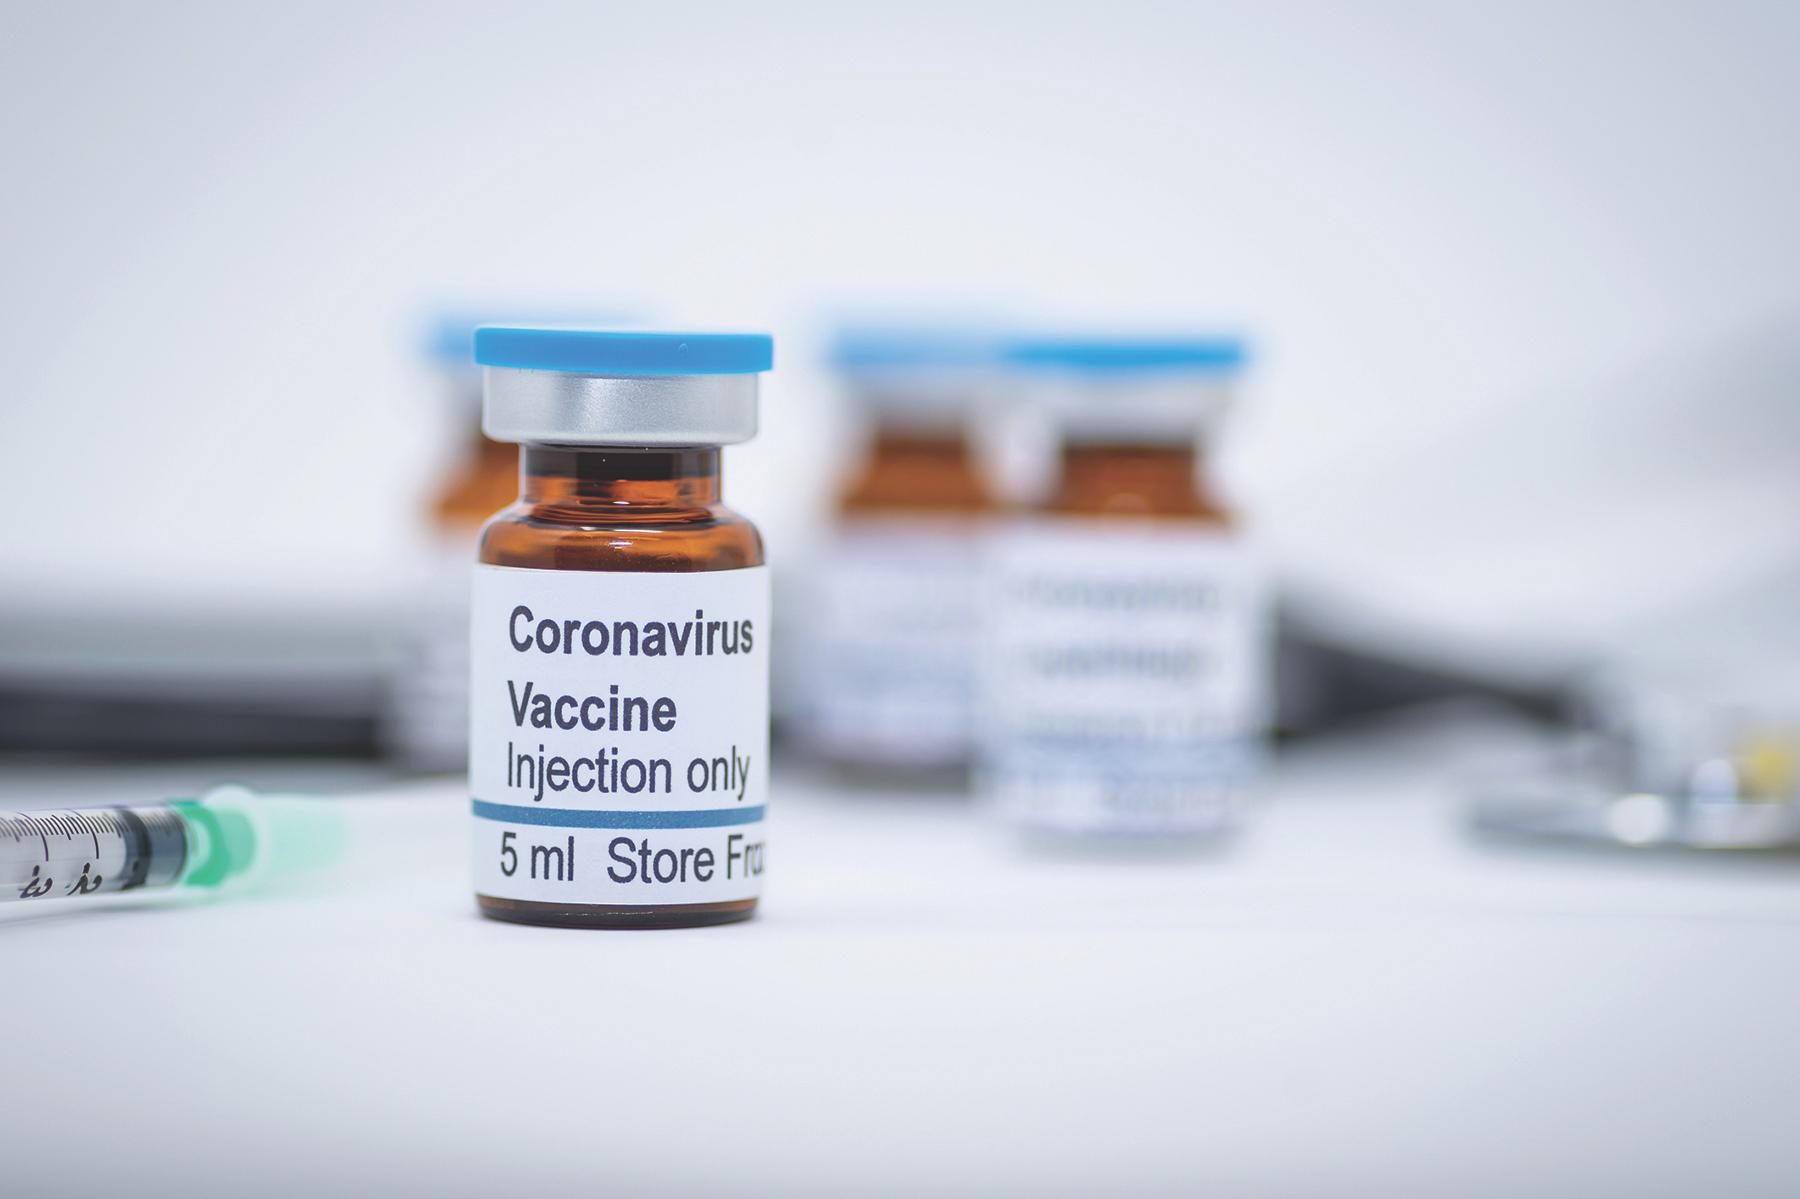 وہ مشروب جو کورونا وائرس ویکسین لگوانے والوں کو کسی صورت نہیں پینا چاہیے، سائنسدانوں نے وارننگ جاری کردی